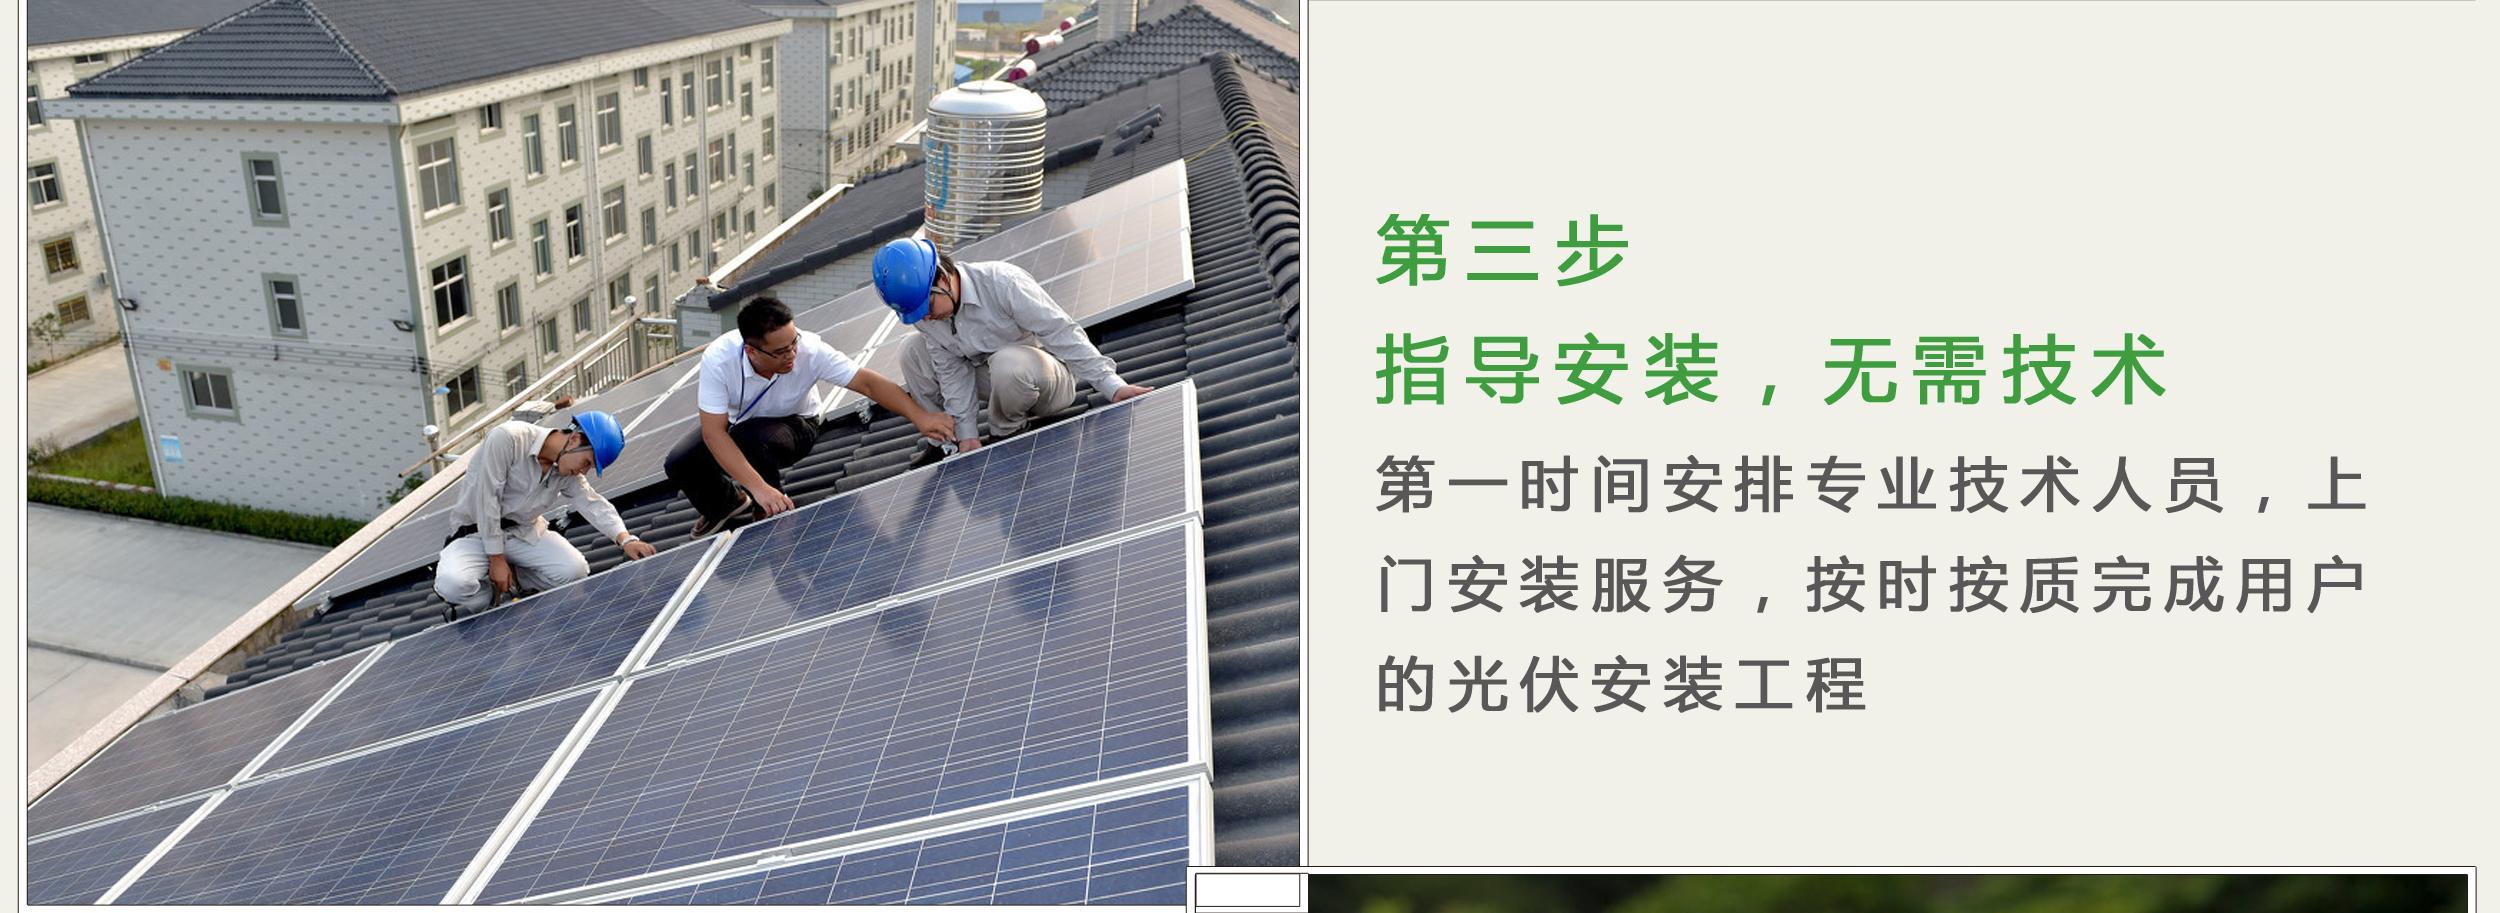 太阳能光伏发电加盟,太阳能光伏发电